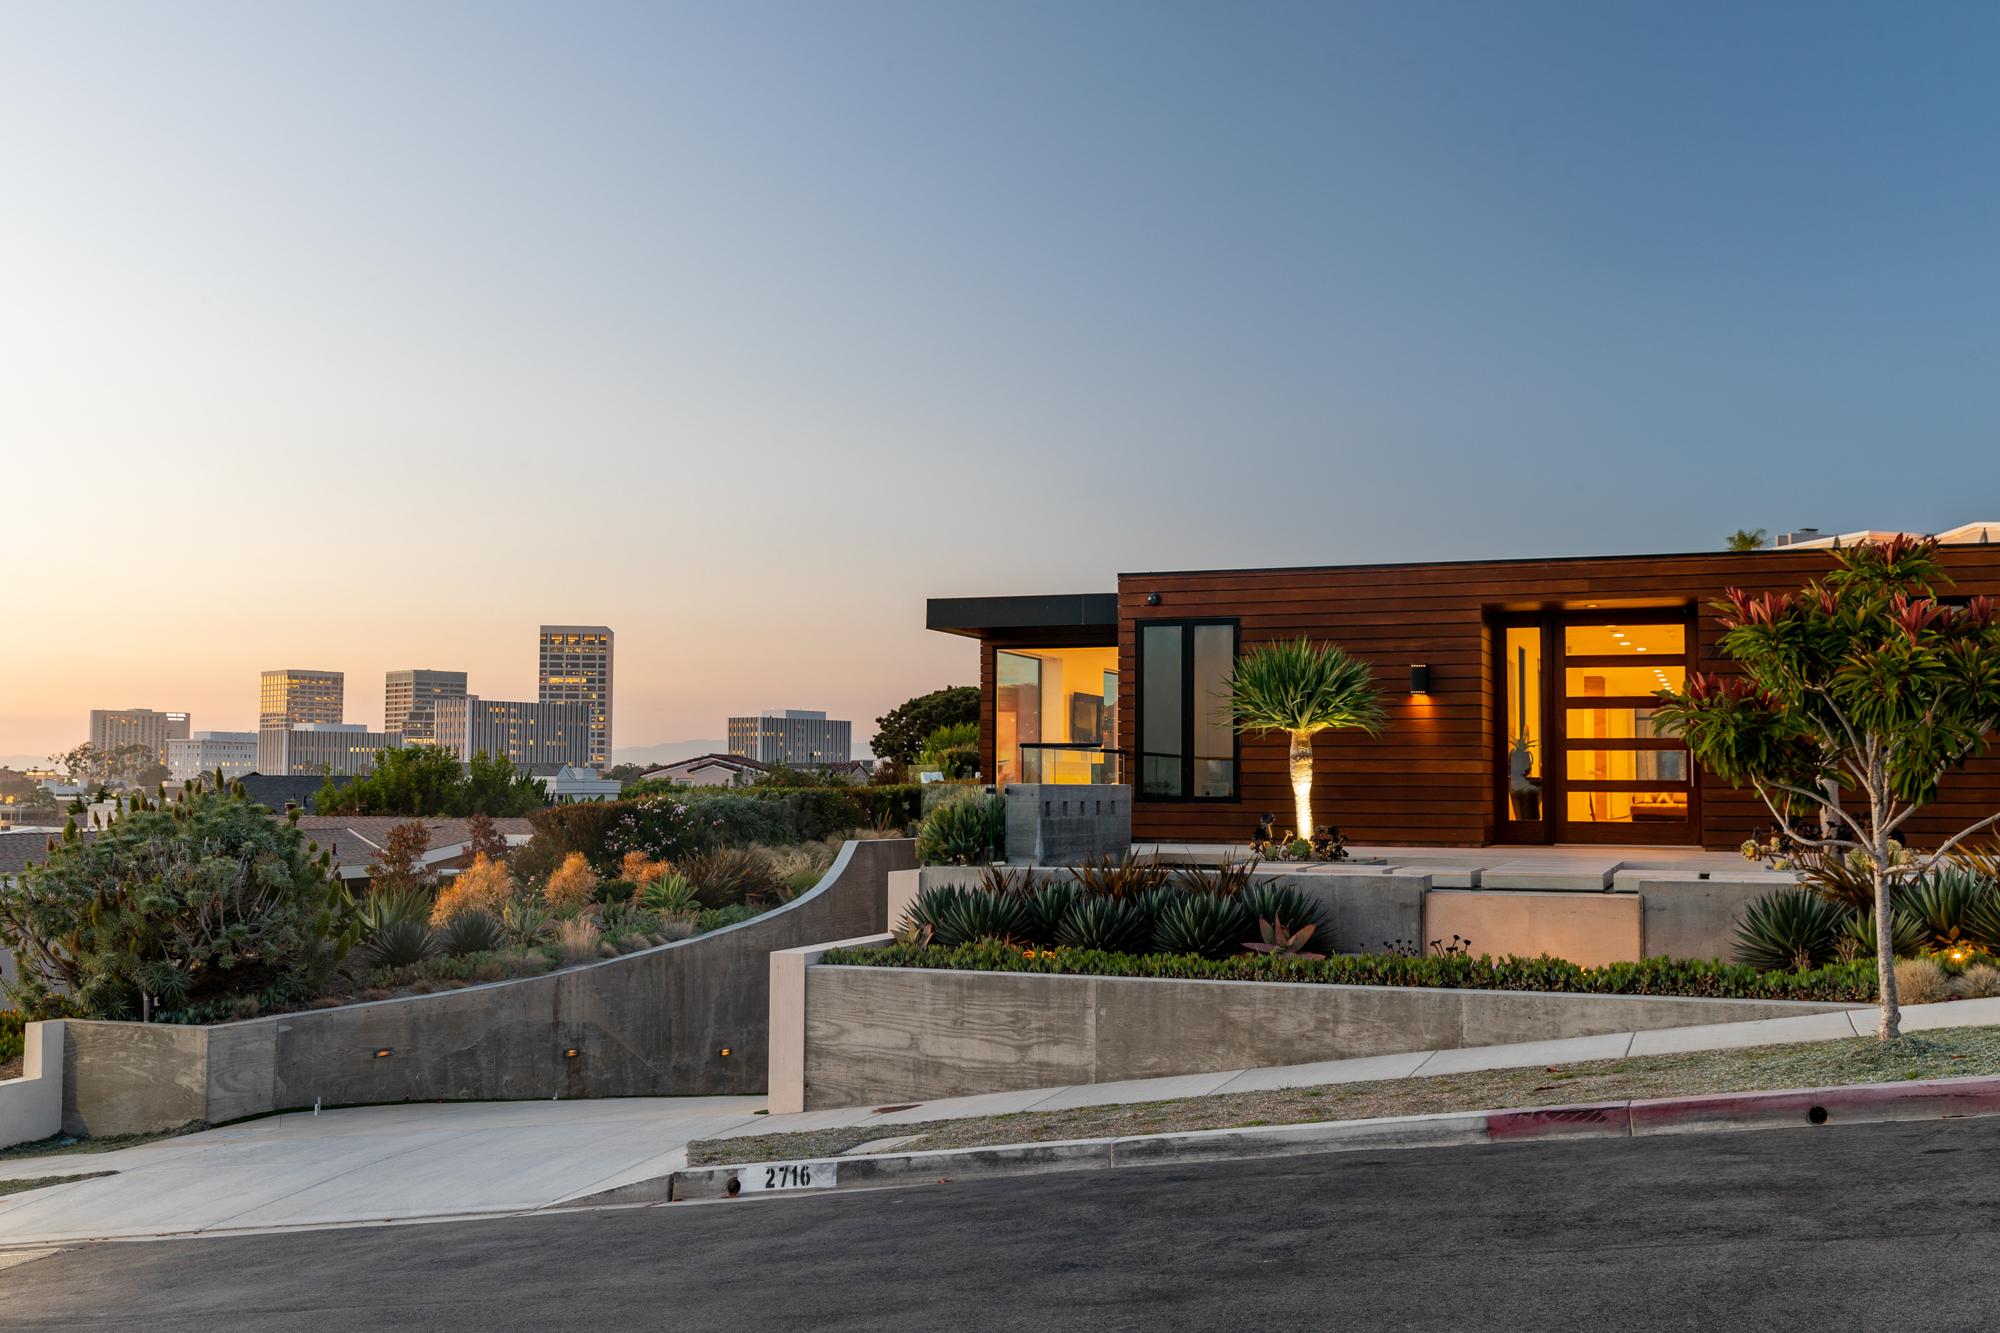 Trevorfromwherever-Real-Estate-3.jpg